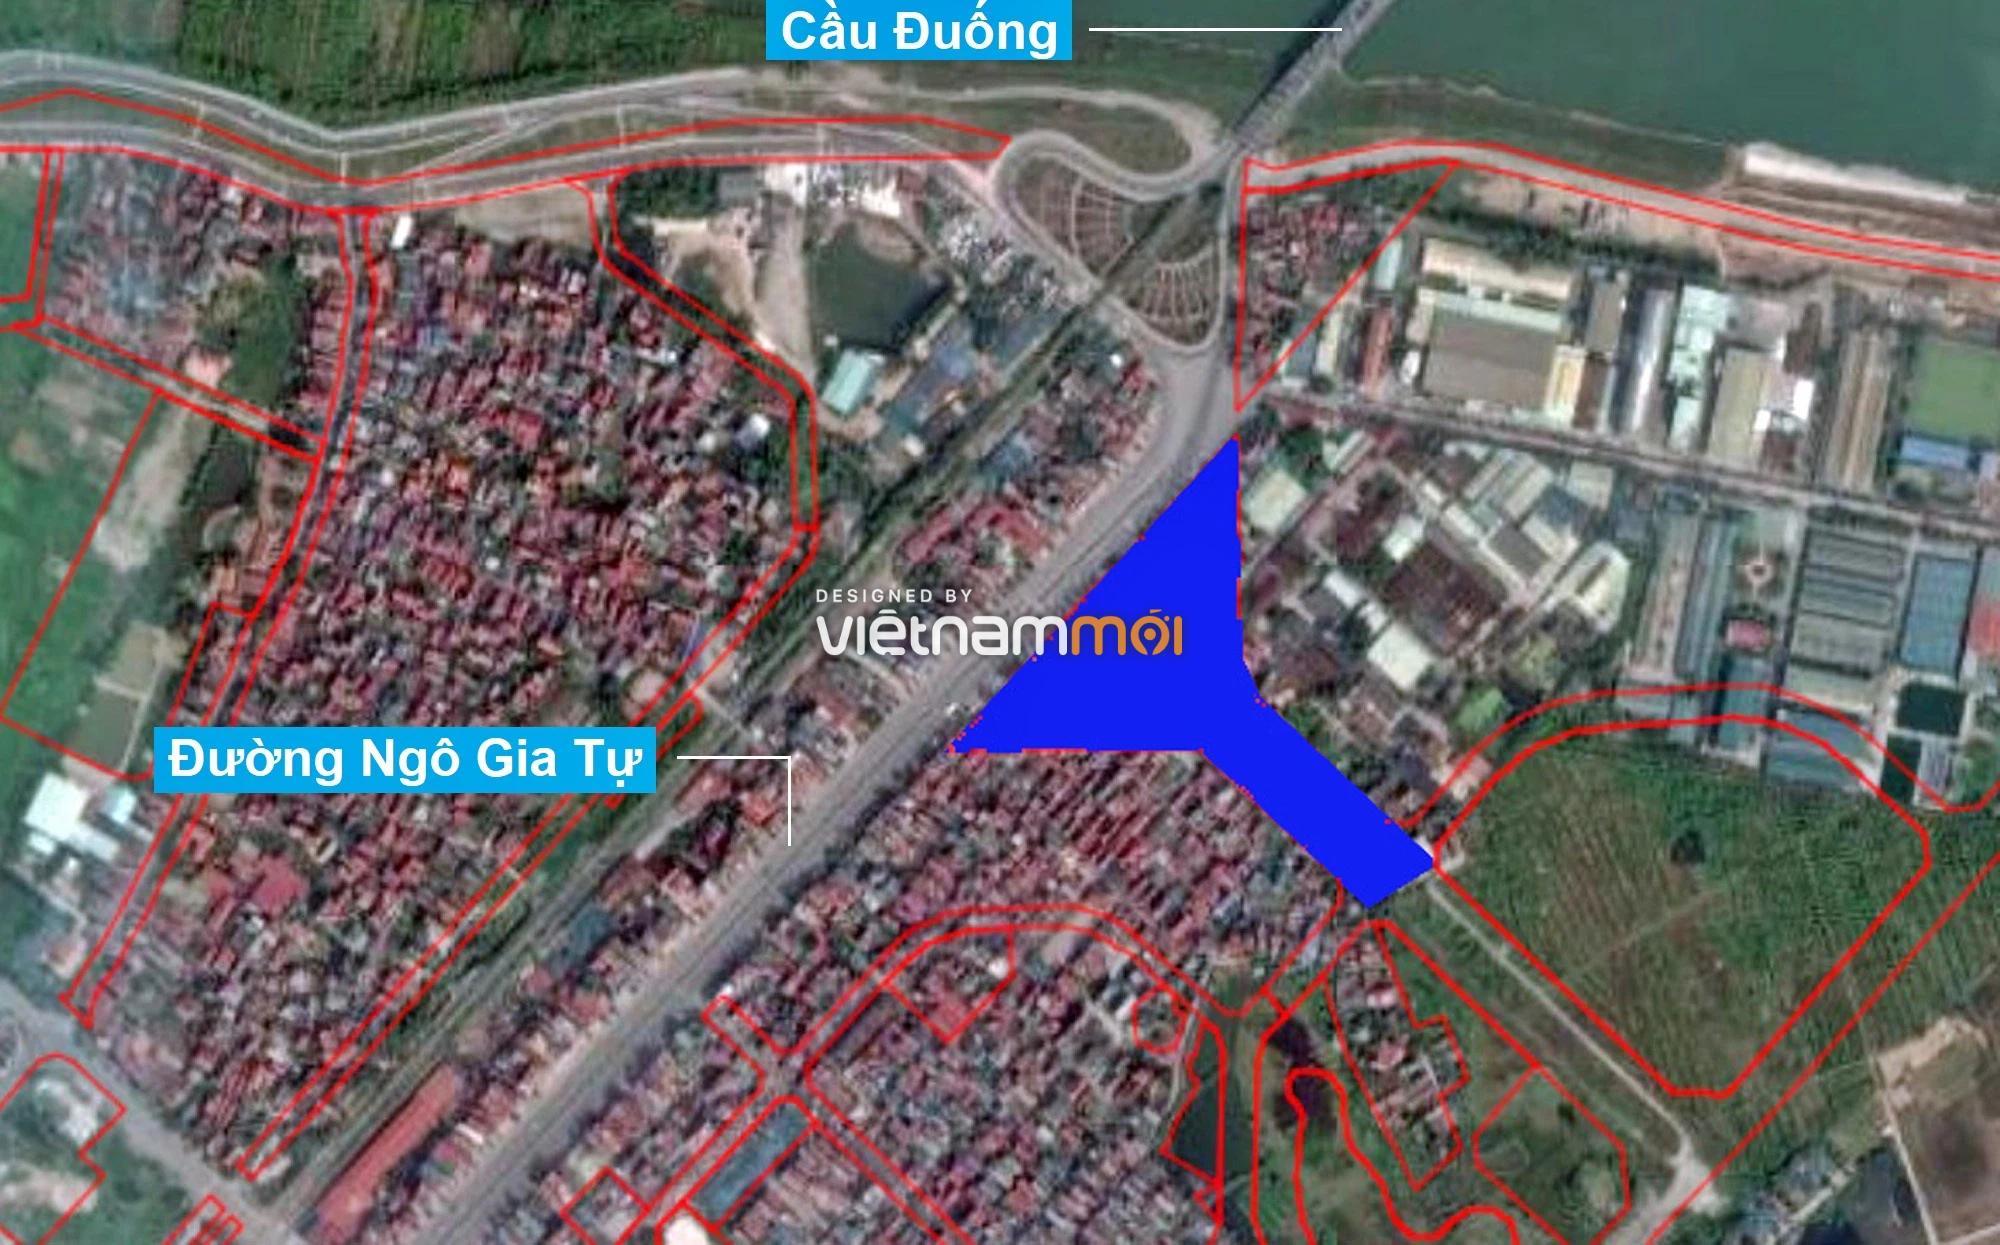 Những khu đất sắp thu hồi để mở đường ở phường Đức Giang, Long Biên, Hà Nội (phần 1) - Ảnh 2.